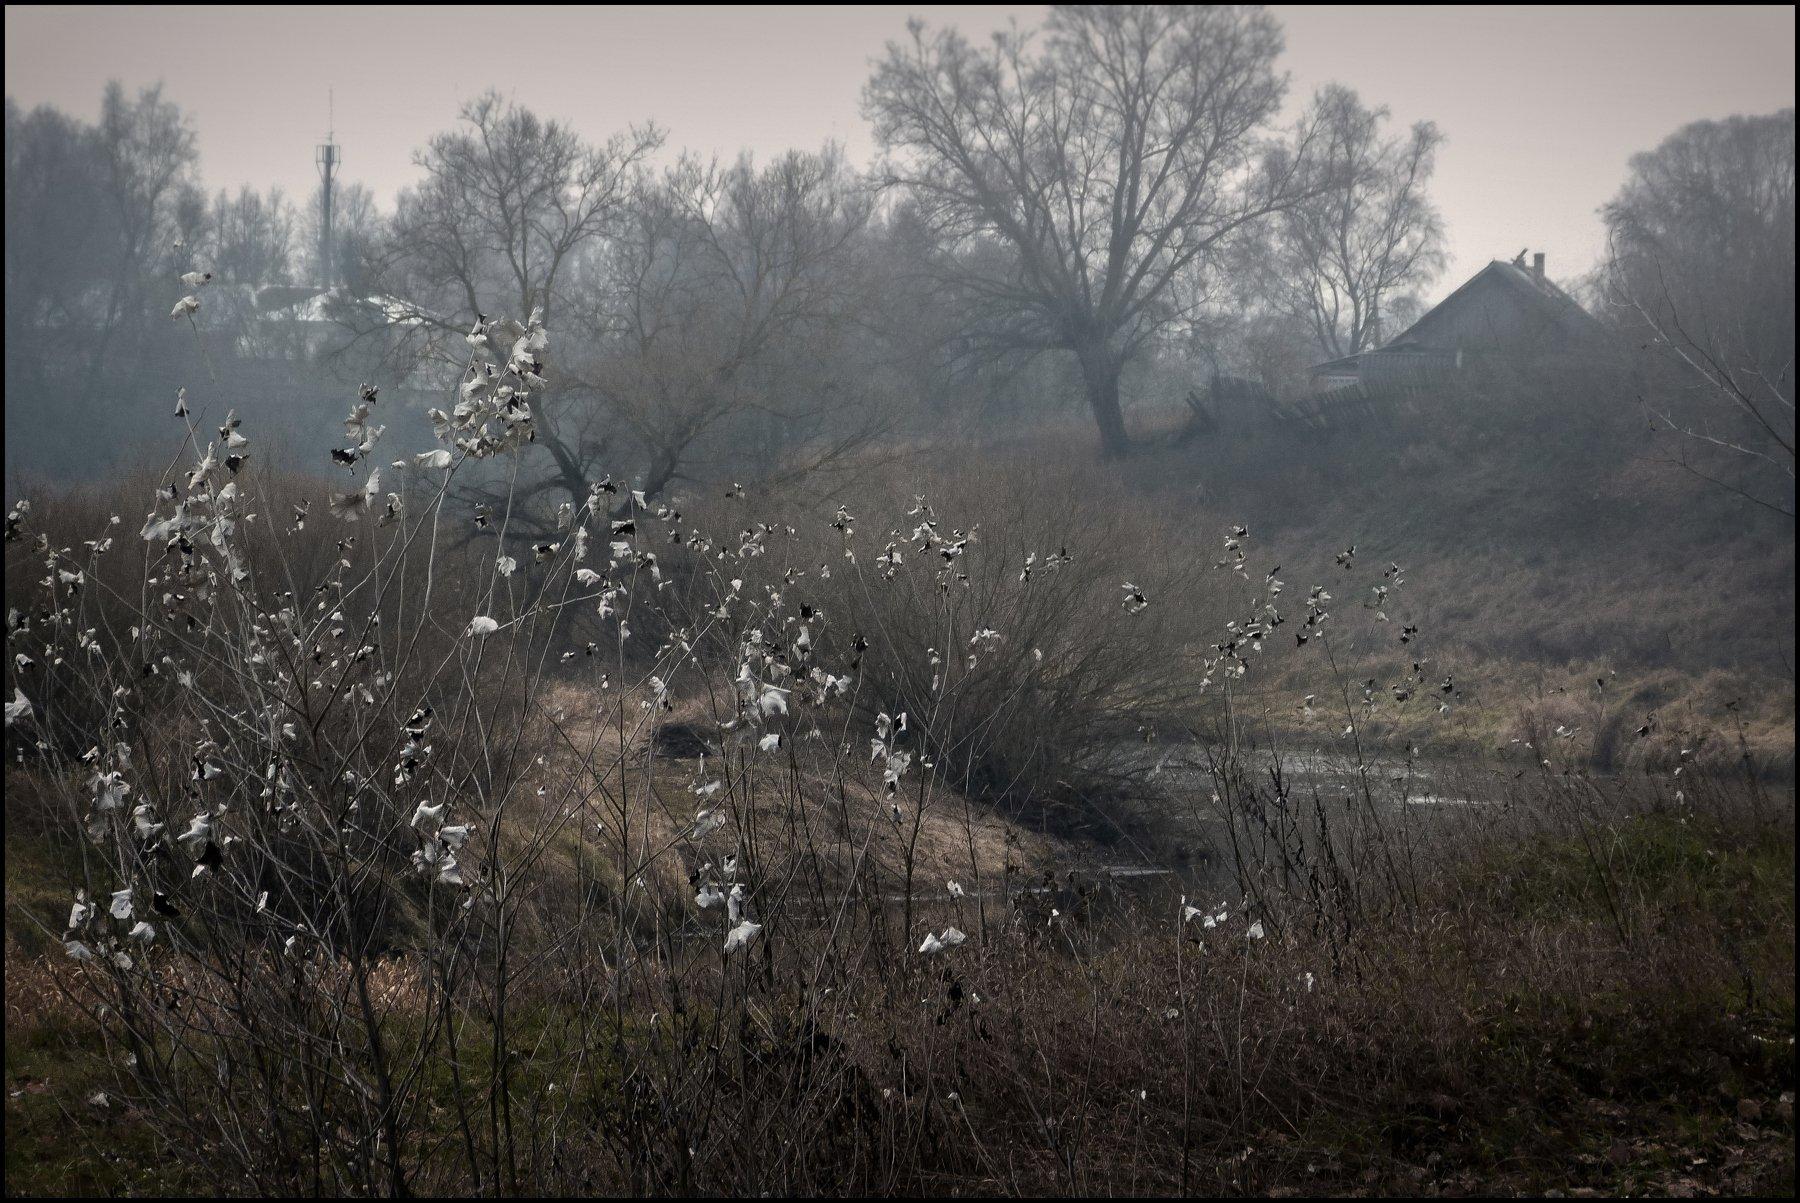 настроение, пейзаж, поздняя осень, россия, сумерки, времена года, короткий день, пасмурно,, Лидия